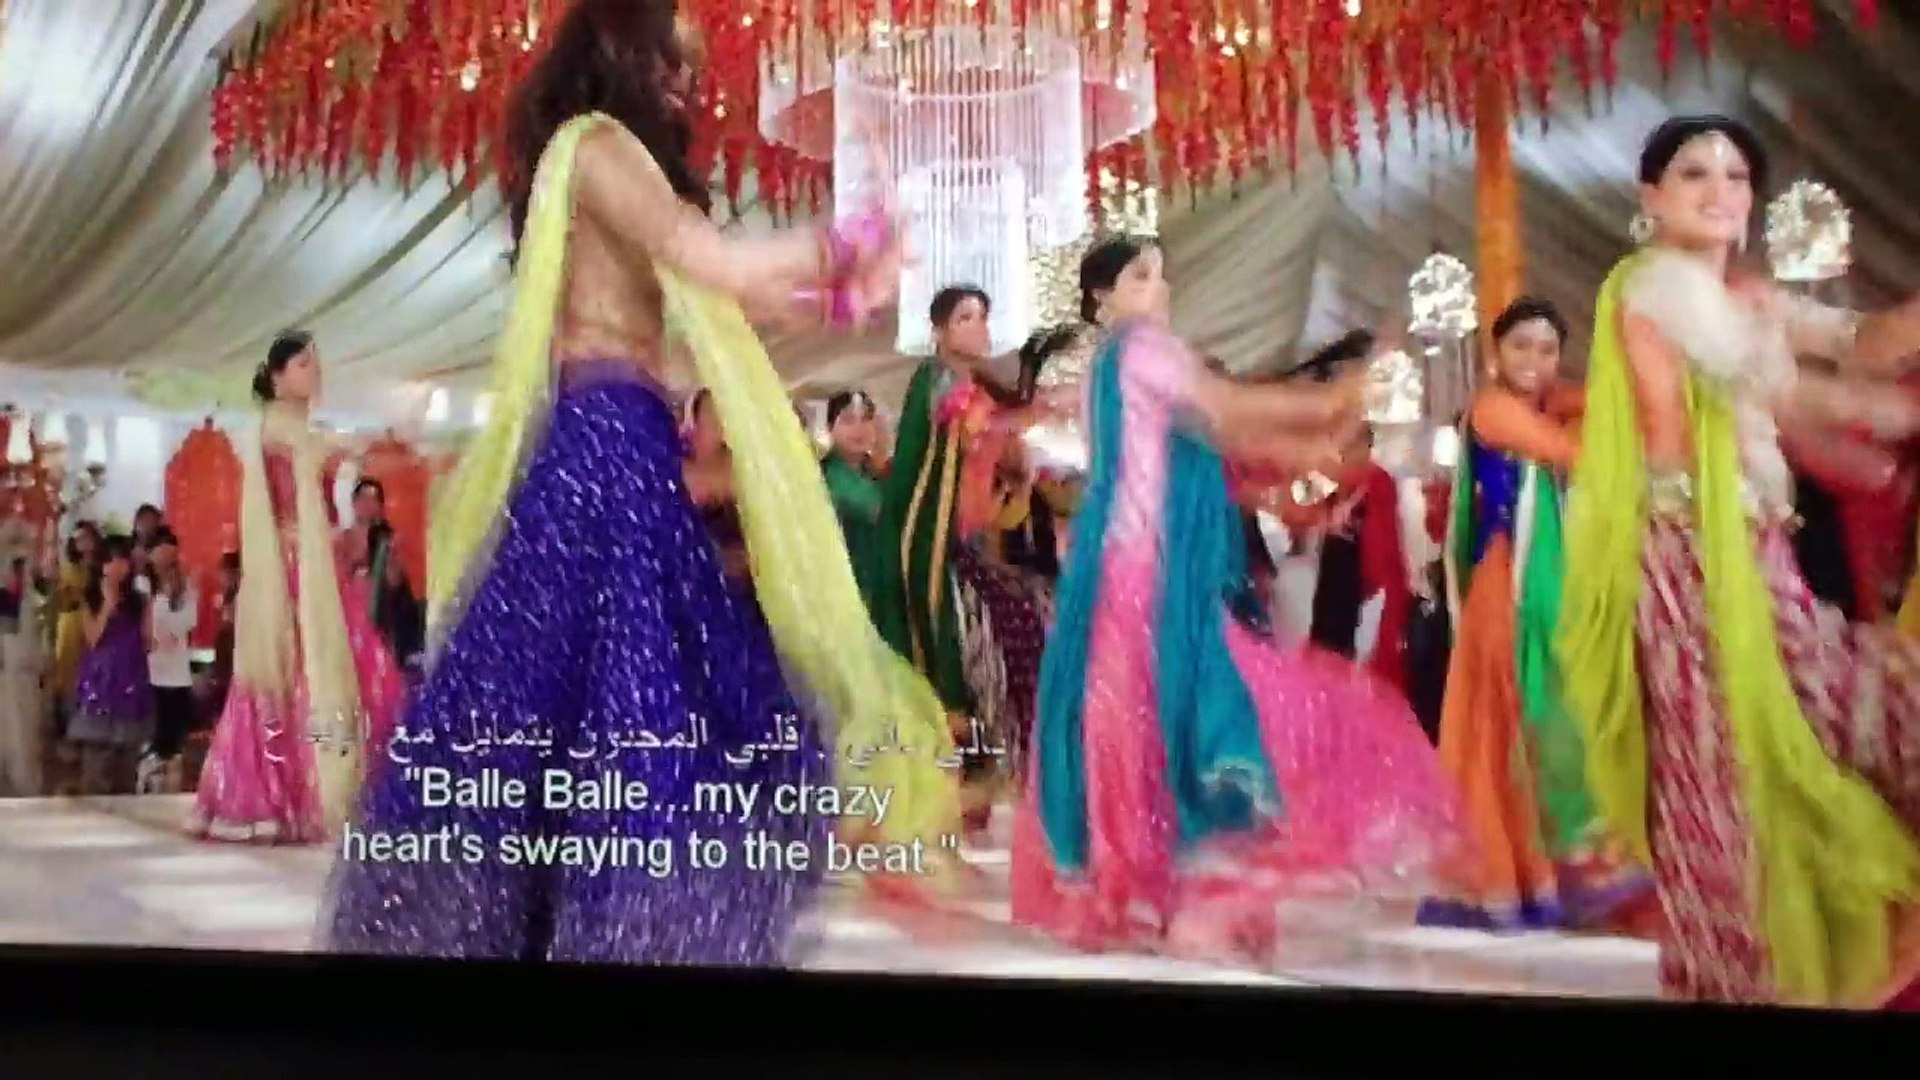 Puede ser calculado Idealmente Domar  Ballay Ballay Full Song Video Bin Roye Mahira Khan - video Dailymotion